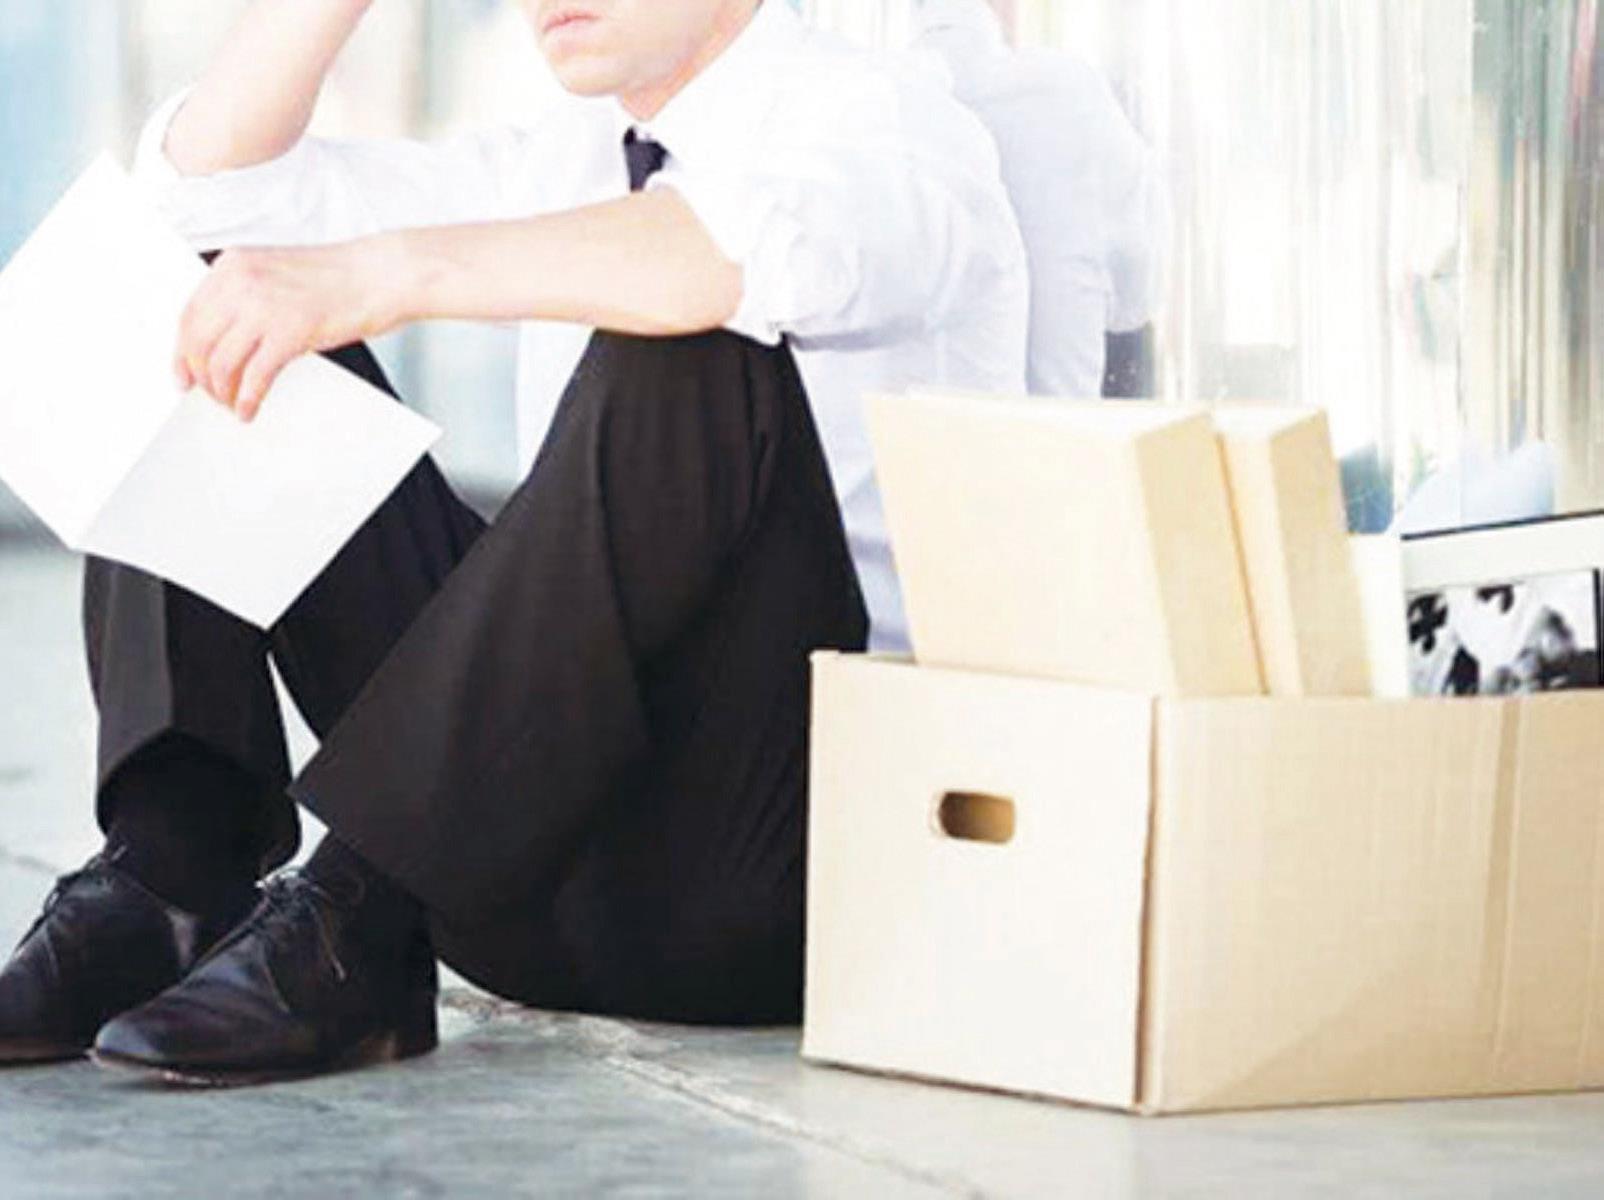 Chômage : la situation des jeunes demeure préoccupante